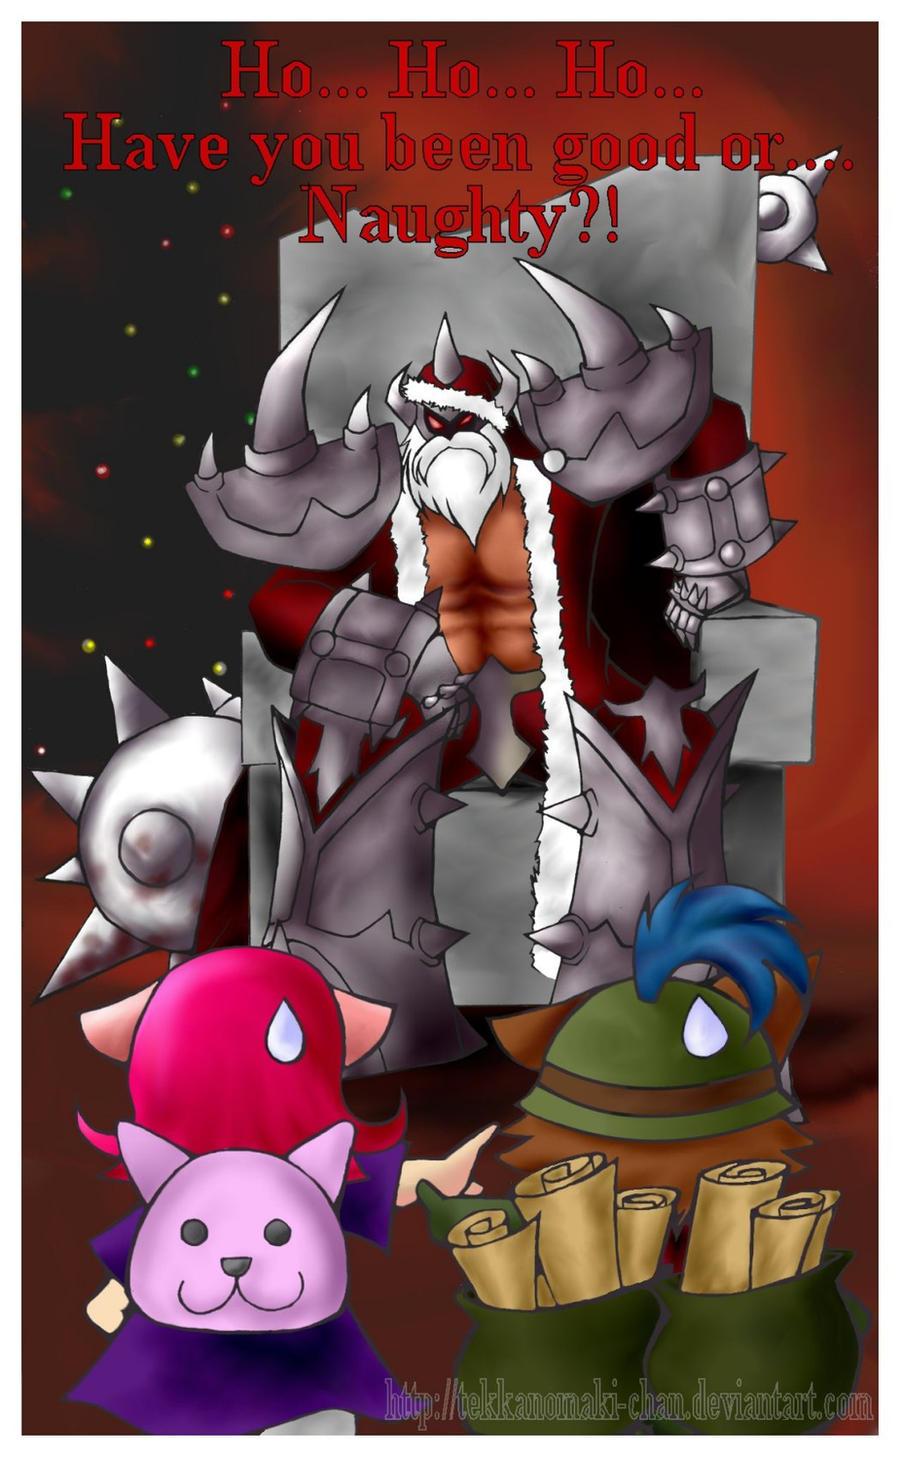 Santa Mordekaiser by TekkanoMaki-chan